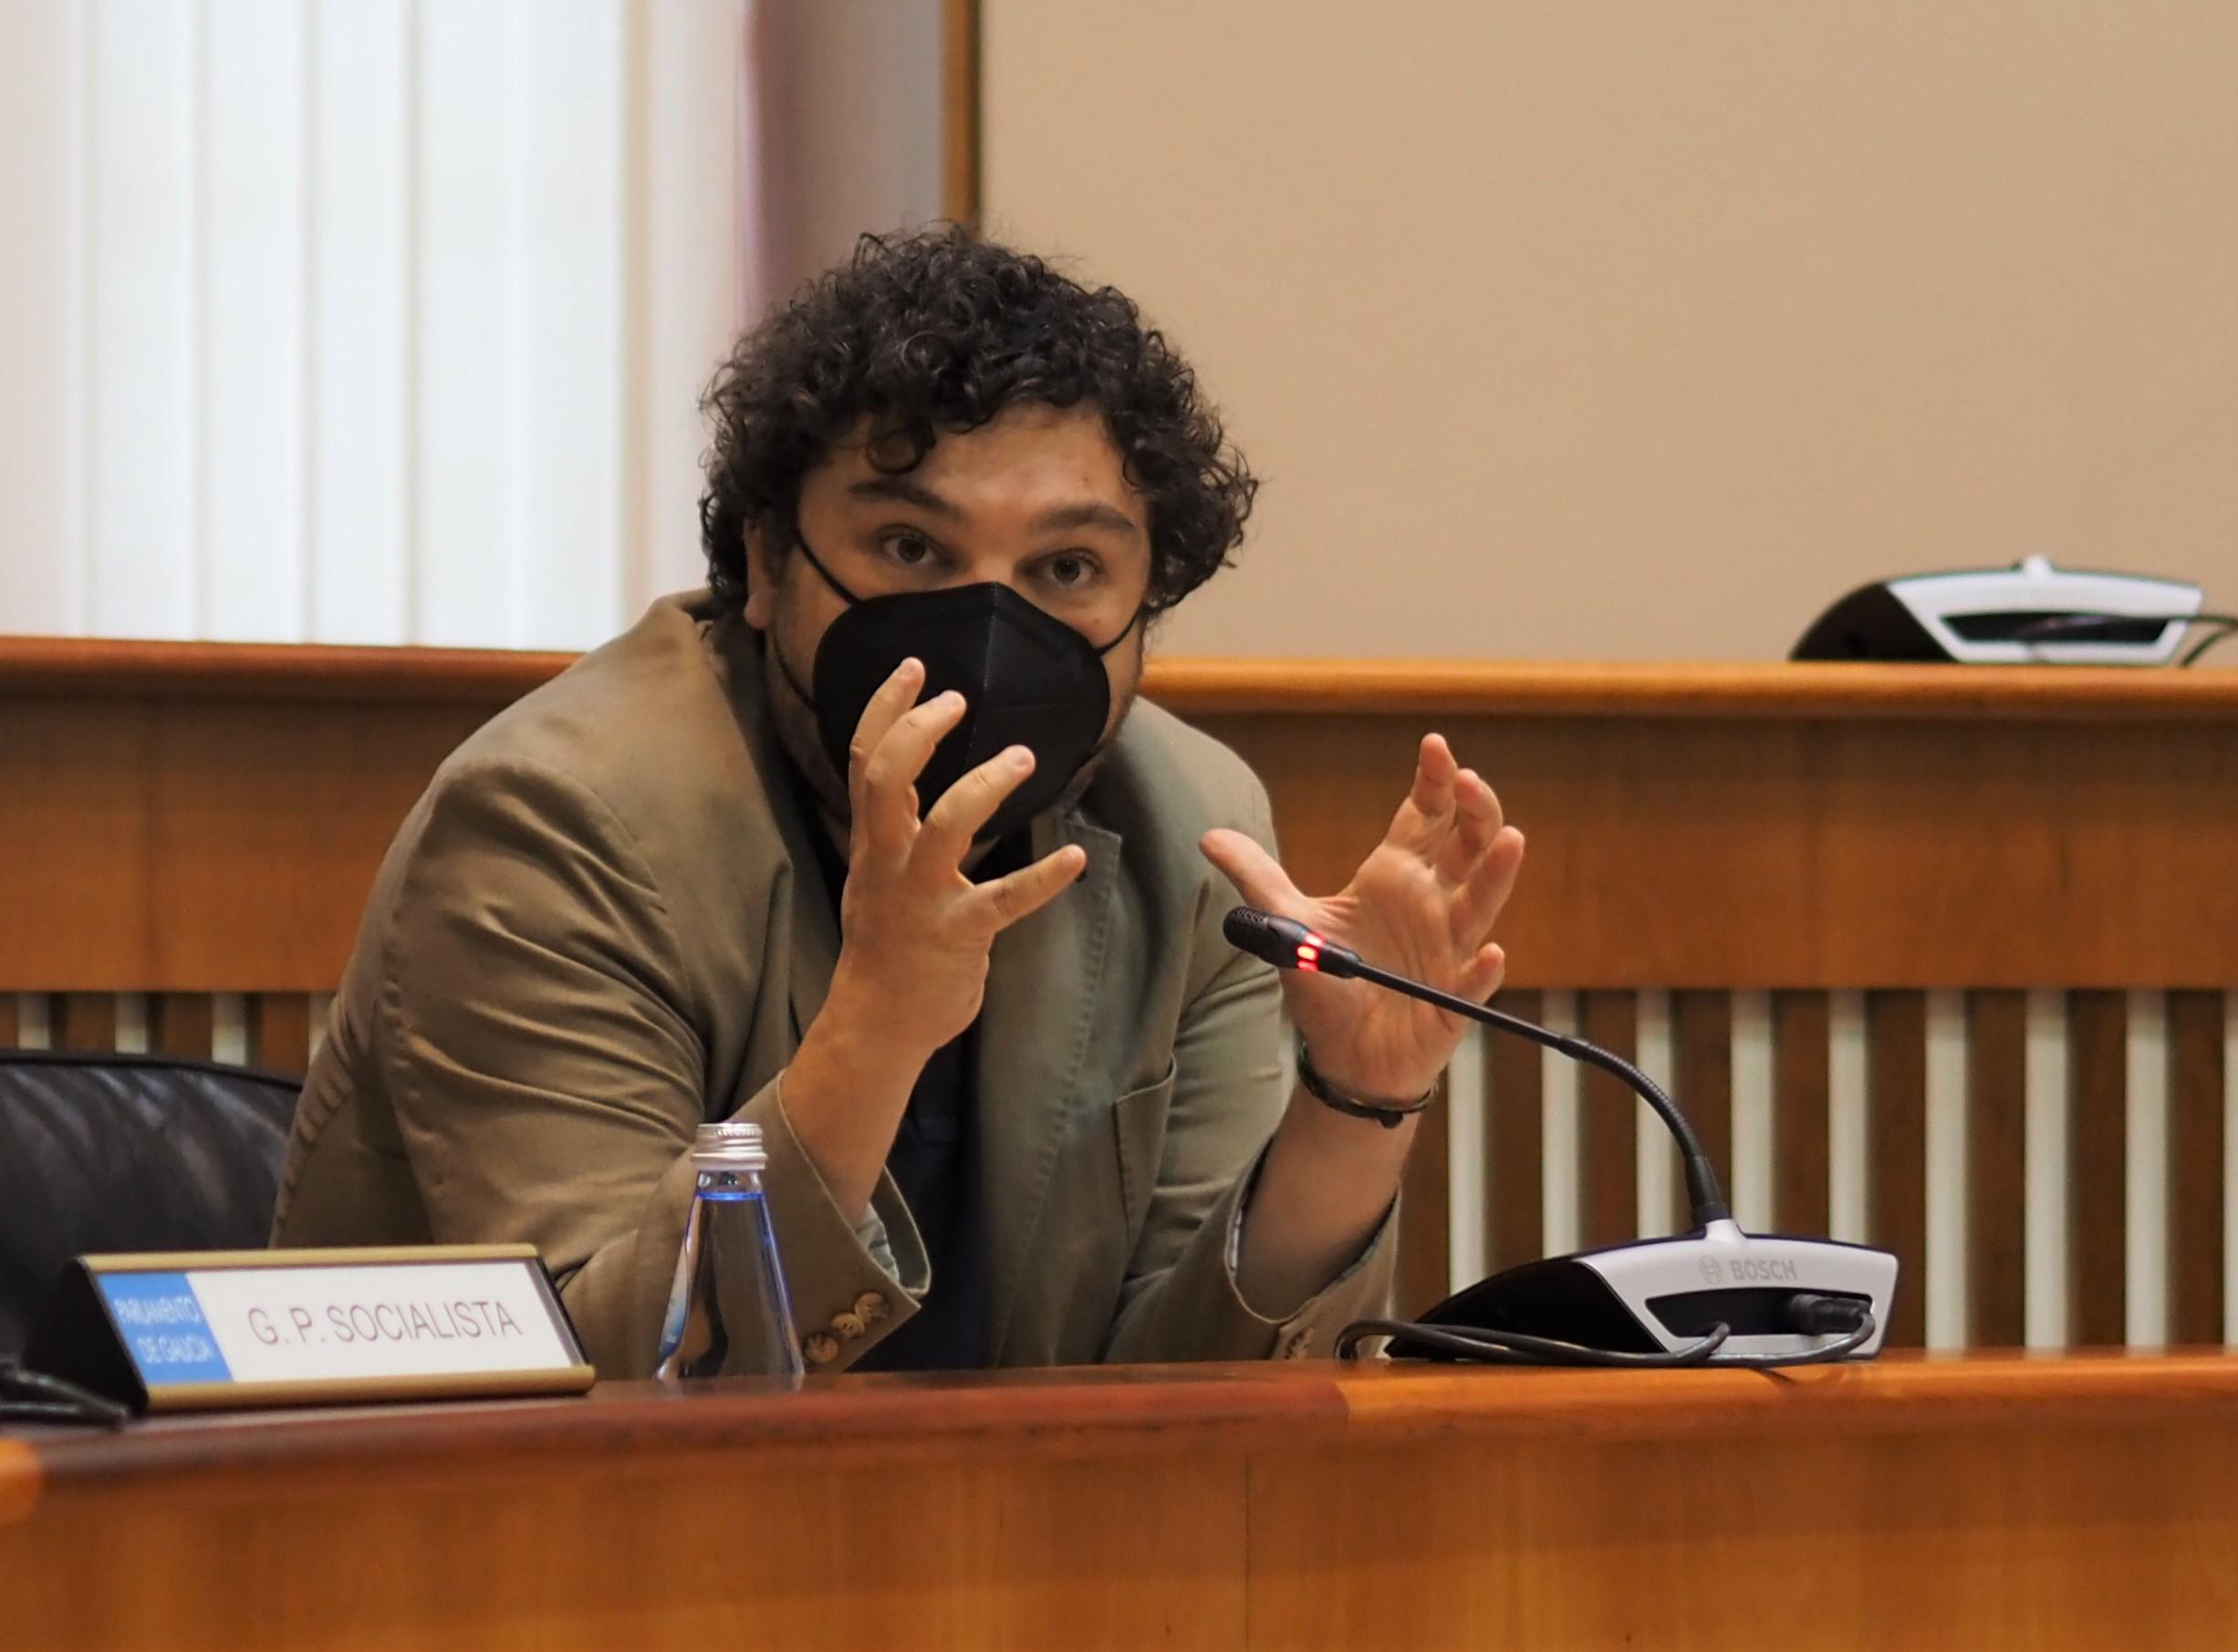 O Grupo Socialista urxe a Portos de Galicia a axilizar o cambio de titularidade dos espazos sen uso portuario a favor dos concellos